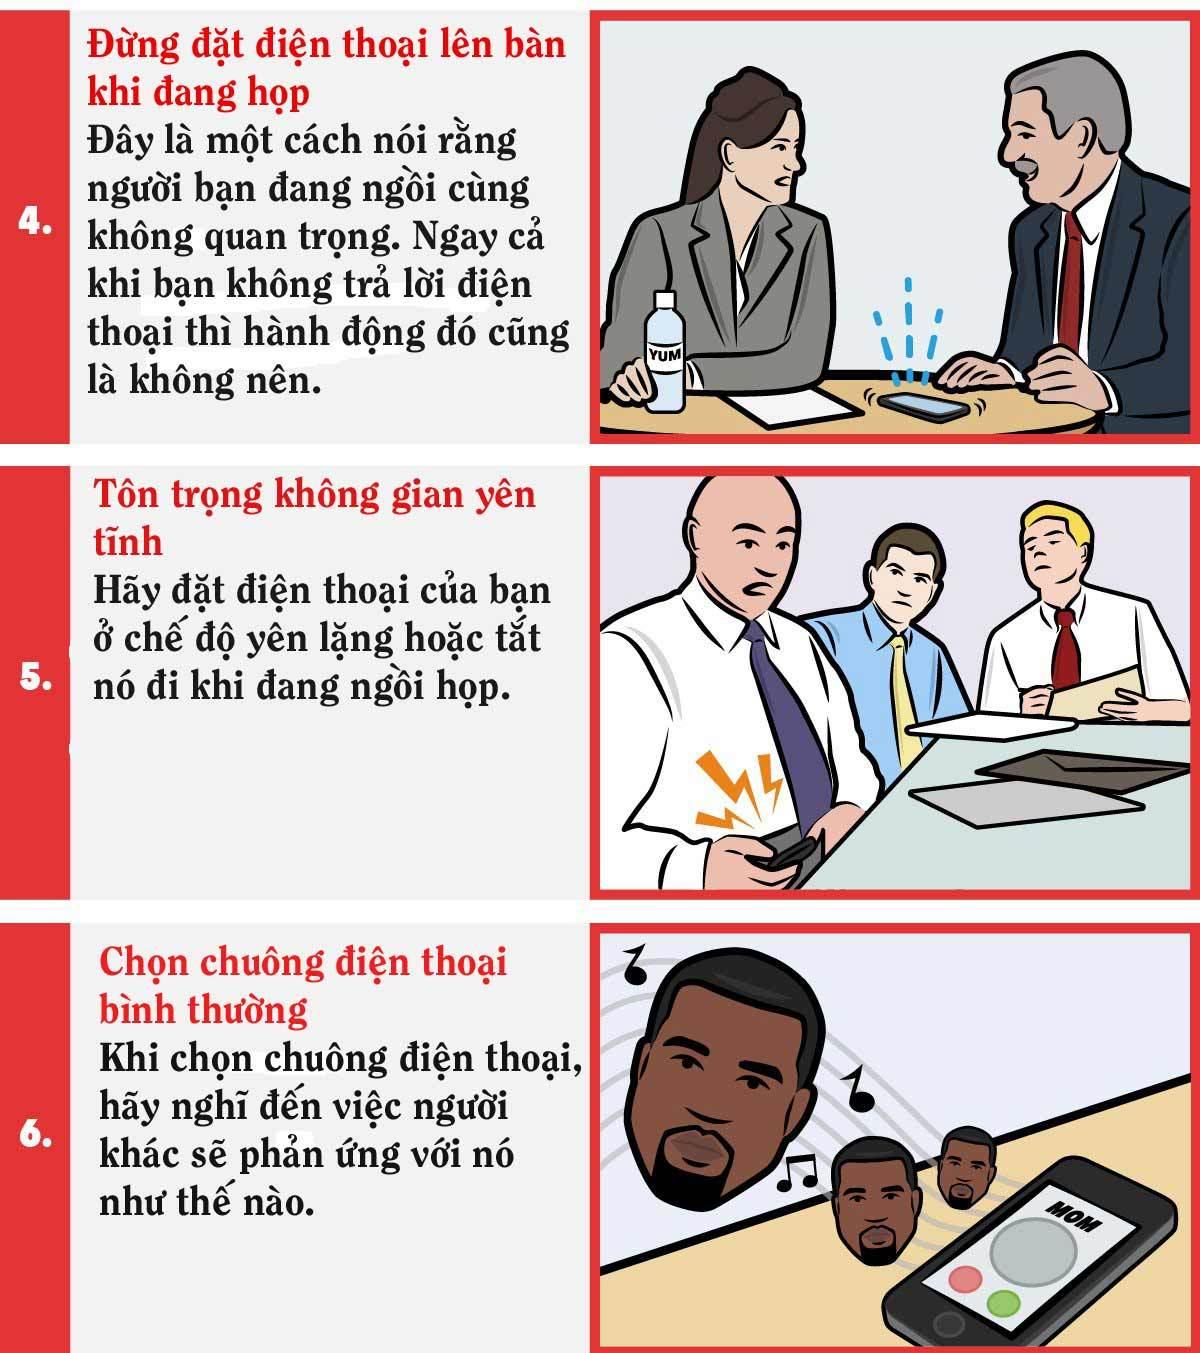 8 phép lịch sự khi dùng điện thoại dân công sở cần biết